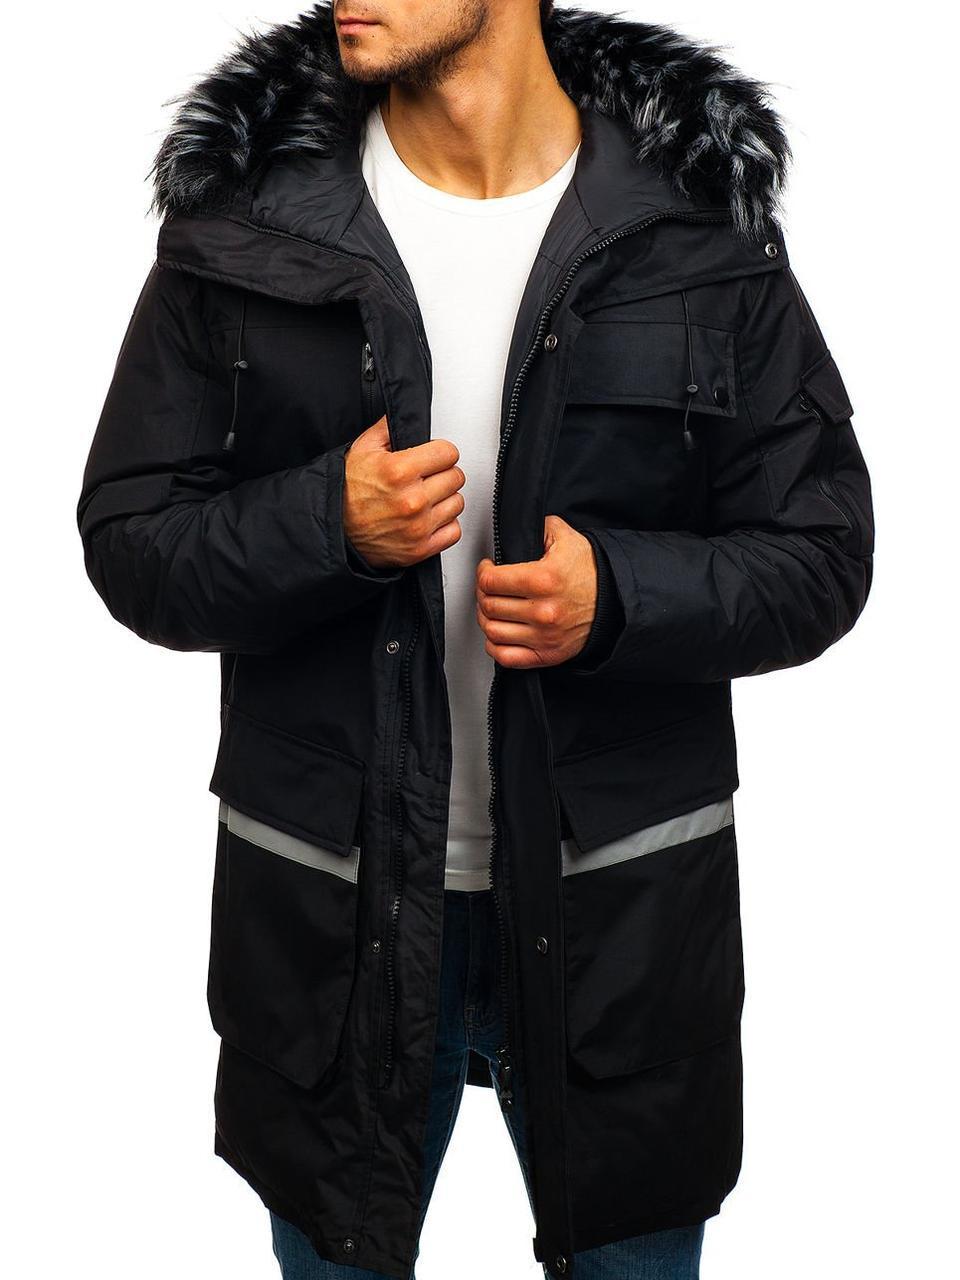 Зимняя удлиненная мужская парковая куртка с капюшоном №2 Черный